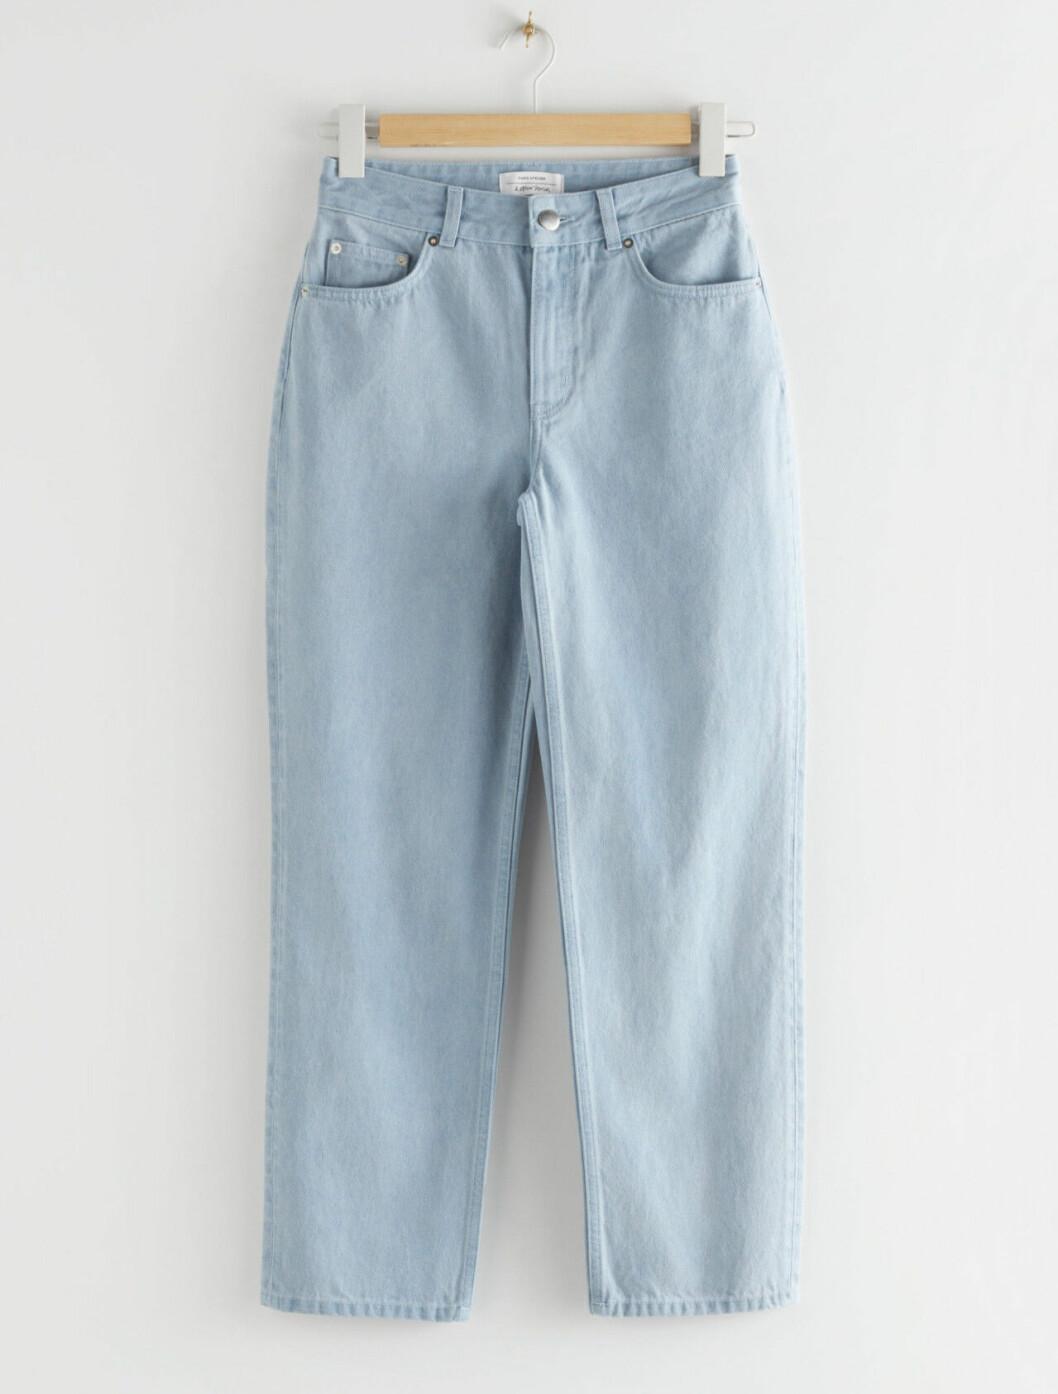 Ljusblå jeans med hög midja och raka ben